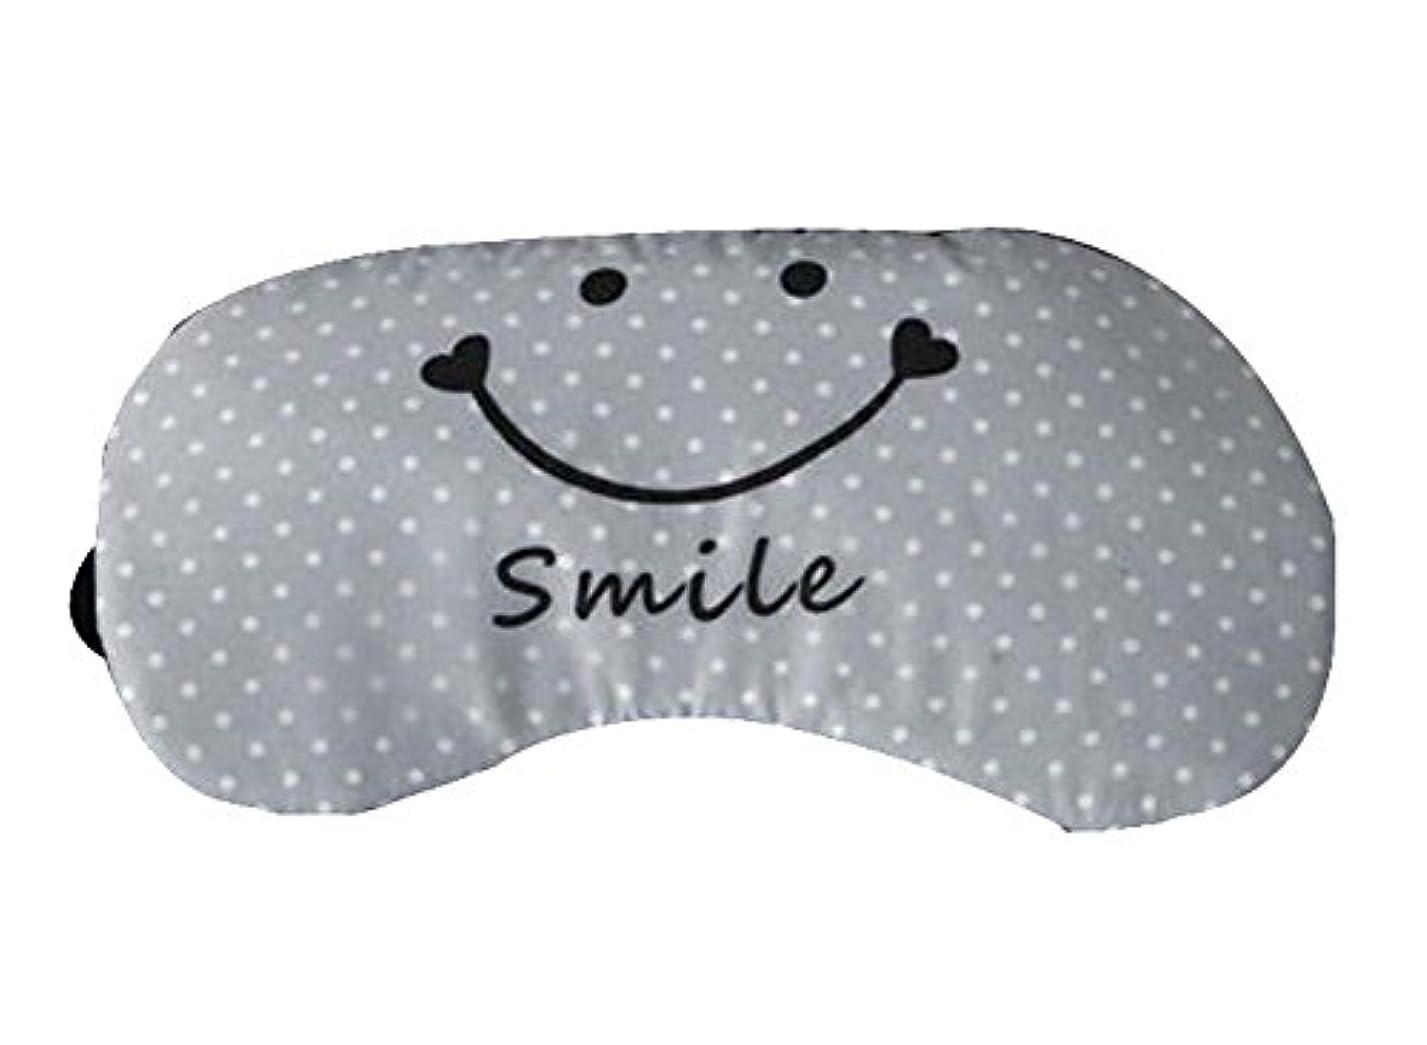 ソケット掃除真面目なラブリーコットンアイマスク睡眠Eyeshadeパッチ通気性軽量、グレー